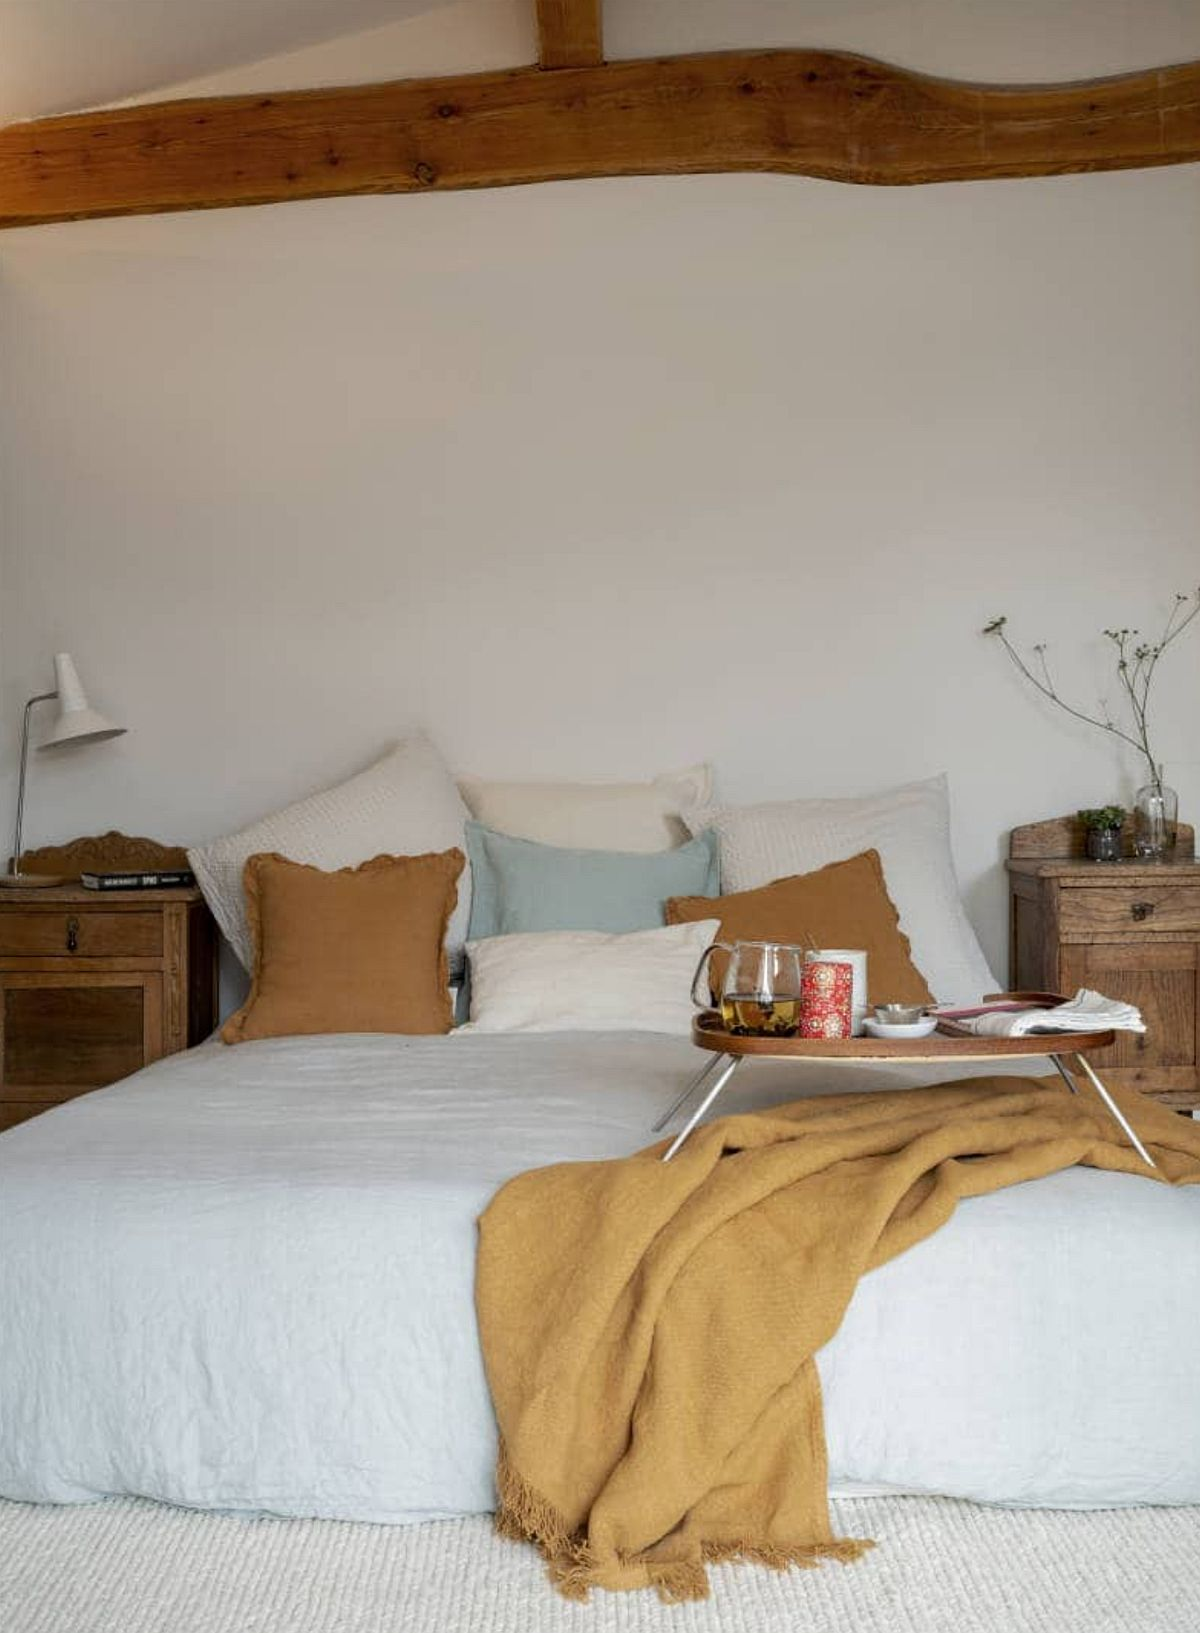 Multe suprafețe deschise prin lenjeria de pat și covor, alături de zugrăveală. Desenul rustic al bârnei, materialele naturale, culorile plăcute creionează atmosfera tihnită din dormitor.